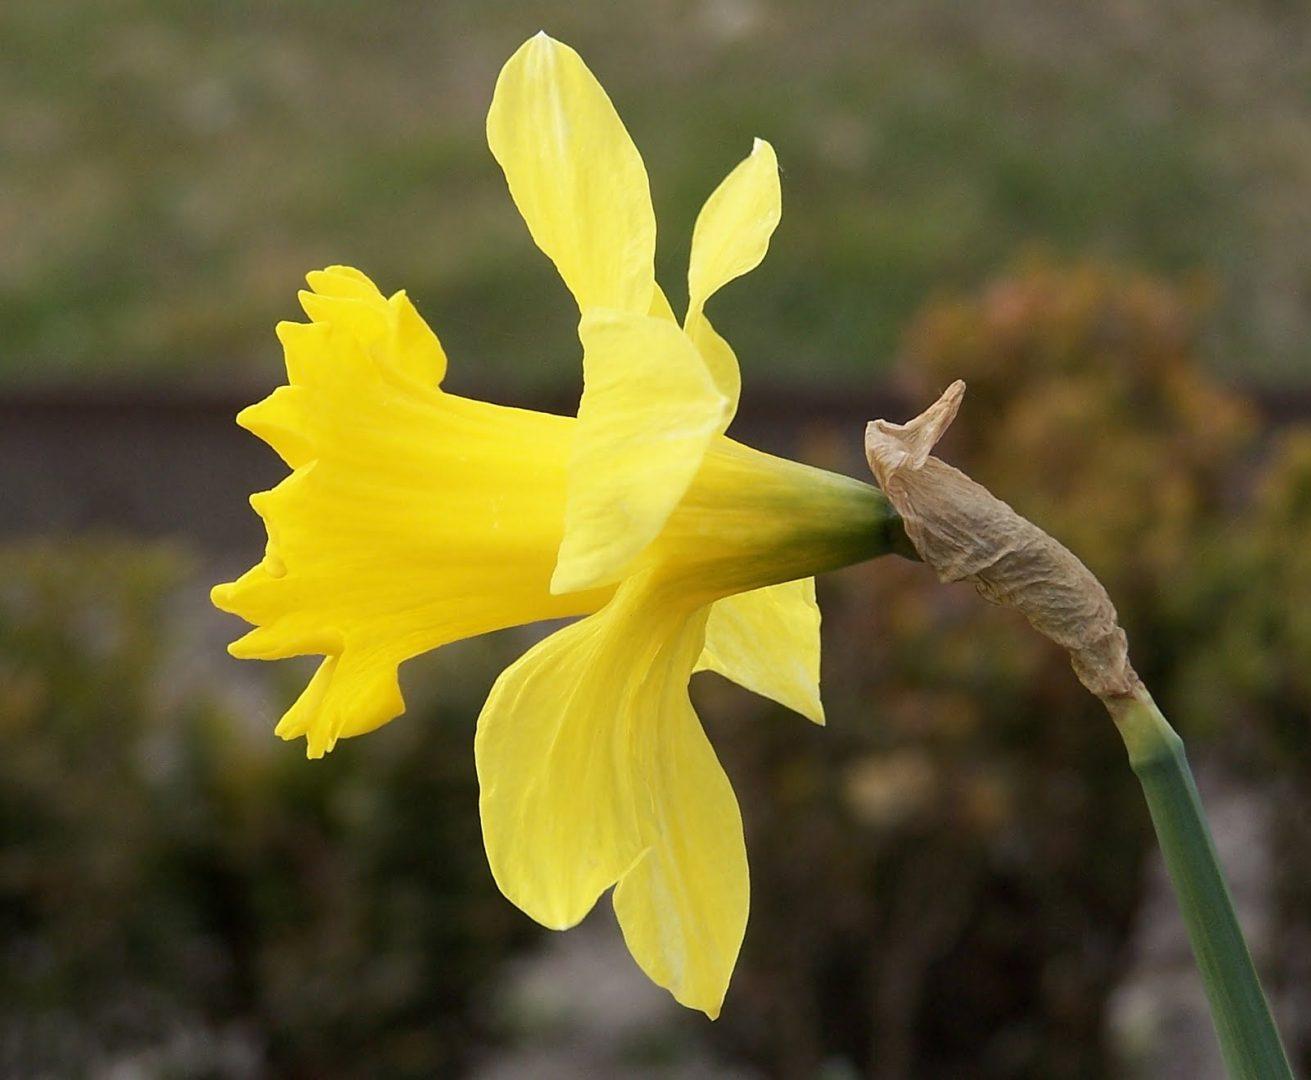 Narcisos Amarillos Imagenes Y Fotos - Narcisos-amarillos